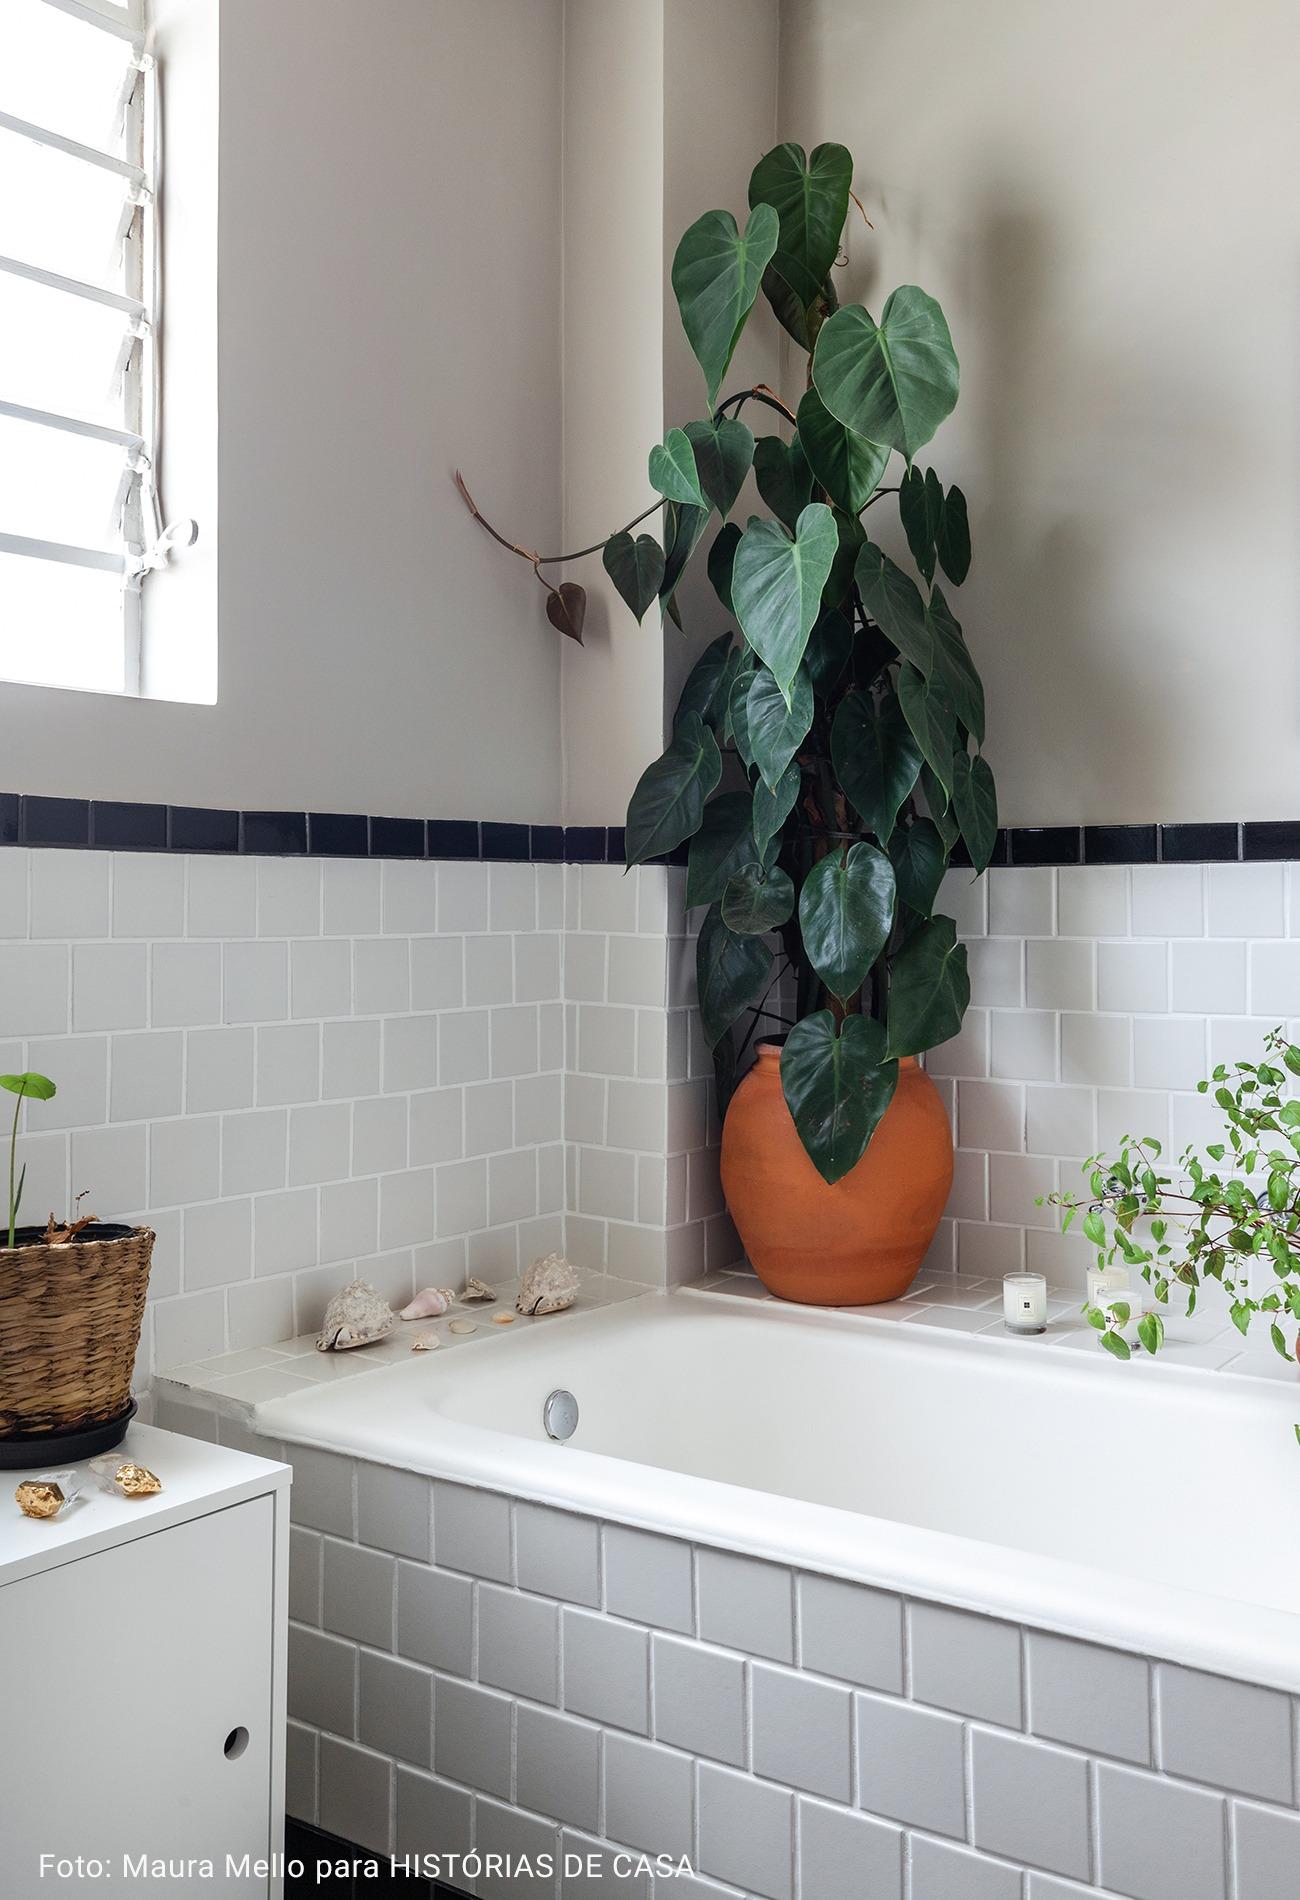 planta ornamental no banheiro